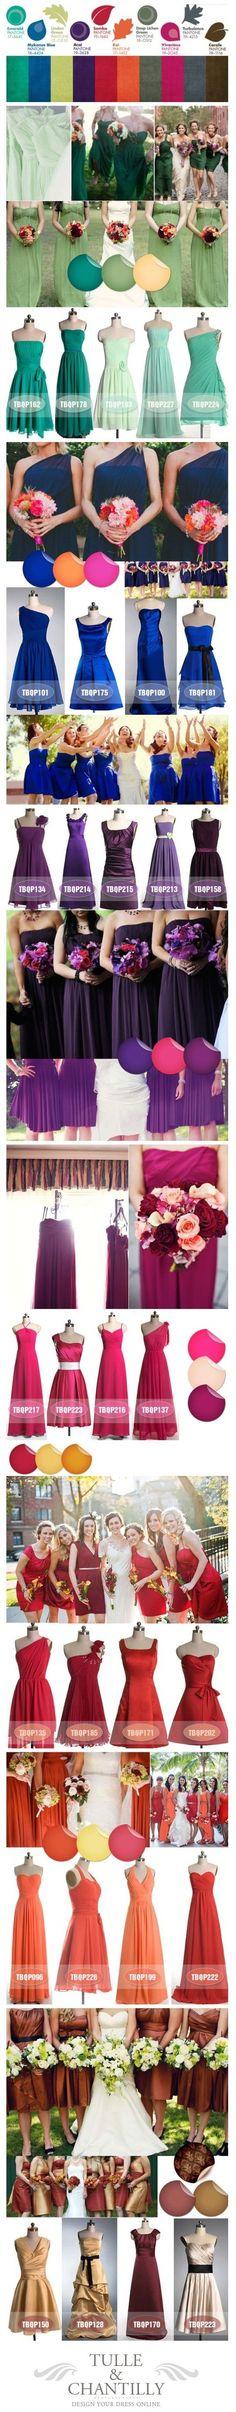 Bride Maid Dress Colors wedding bridesmaid bridesmaid dresses wedding dresses wedding color scheme